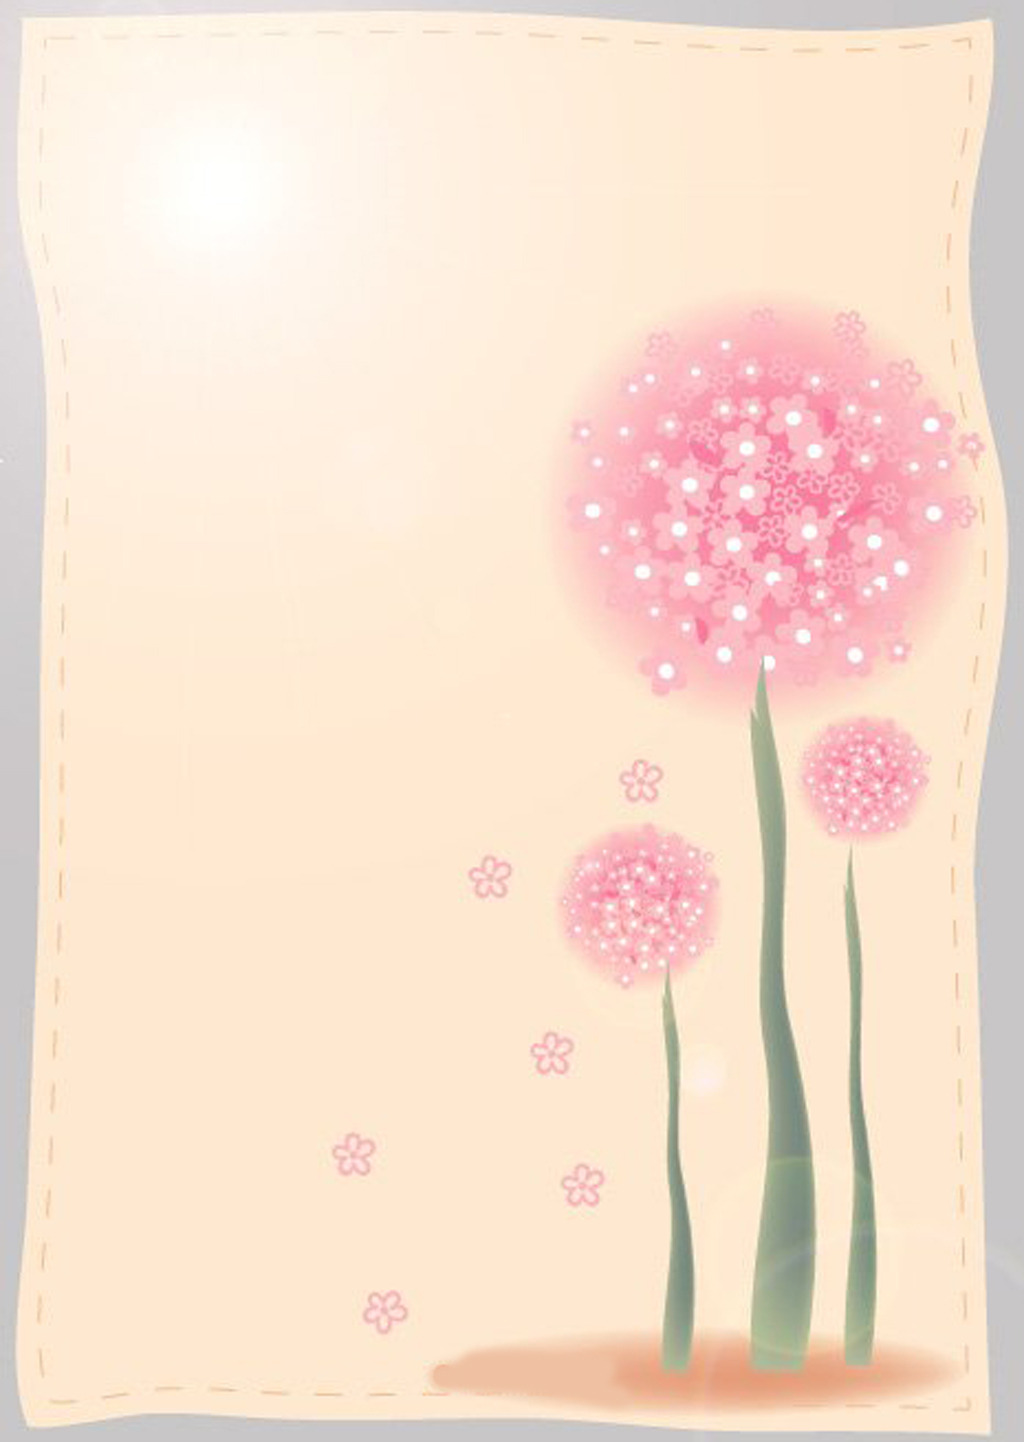 信纸背景 植物花草信纸背景